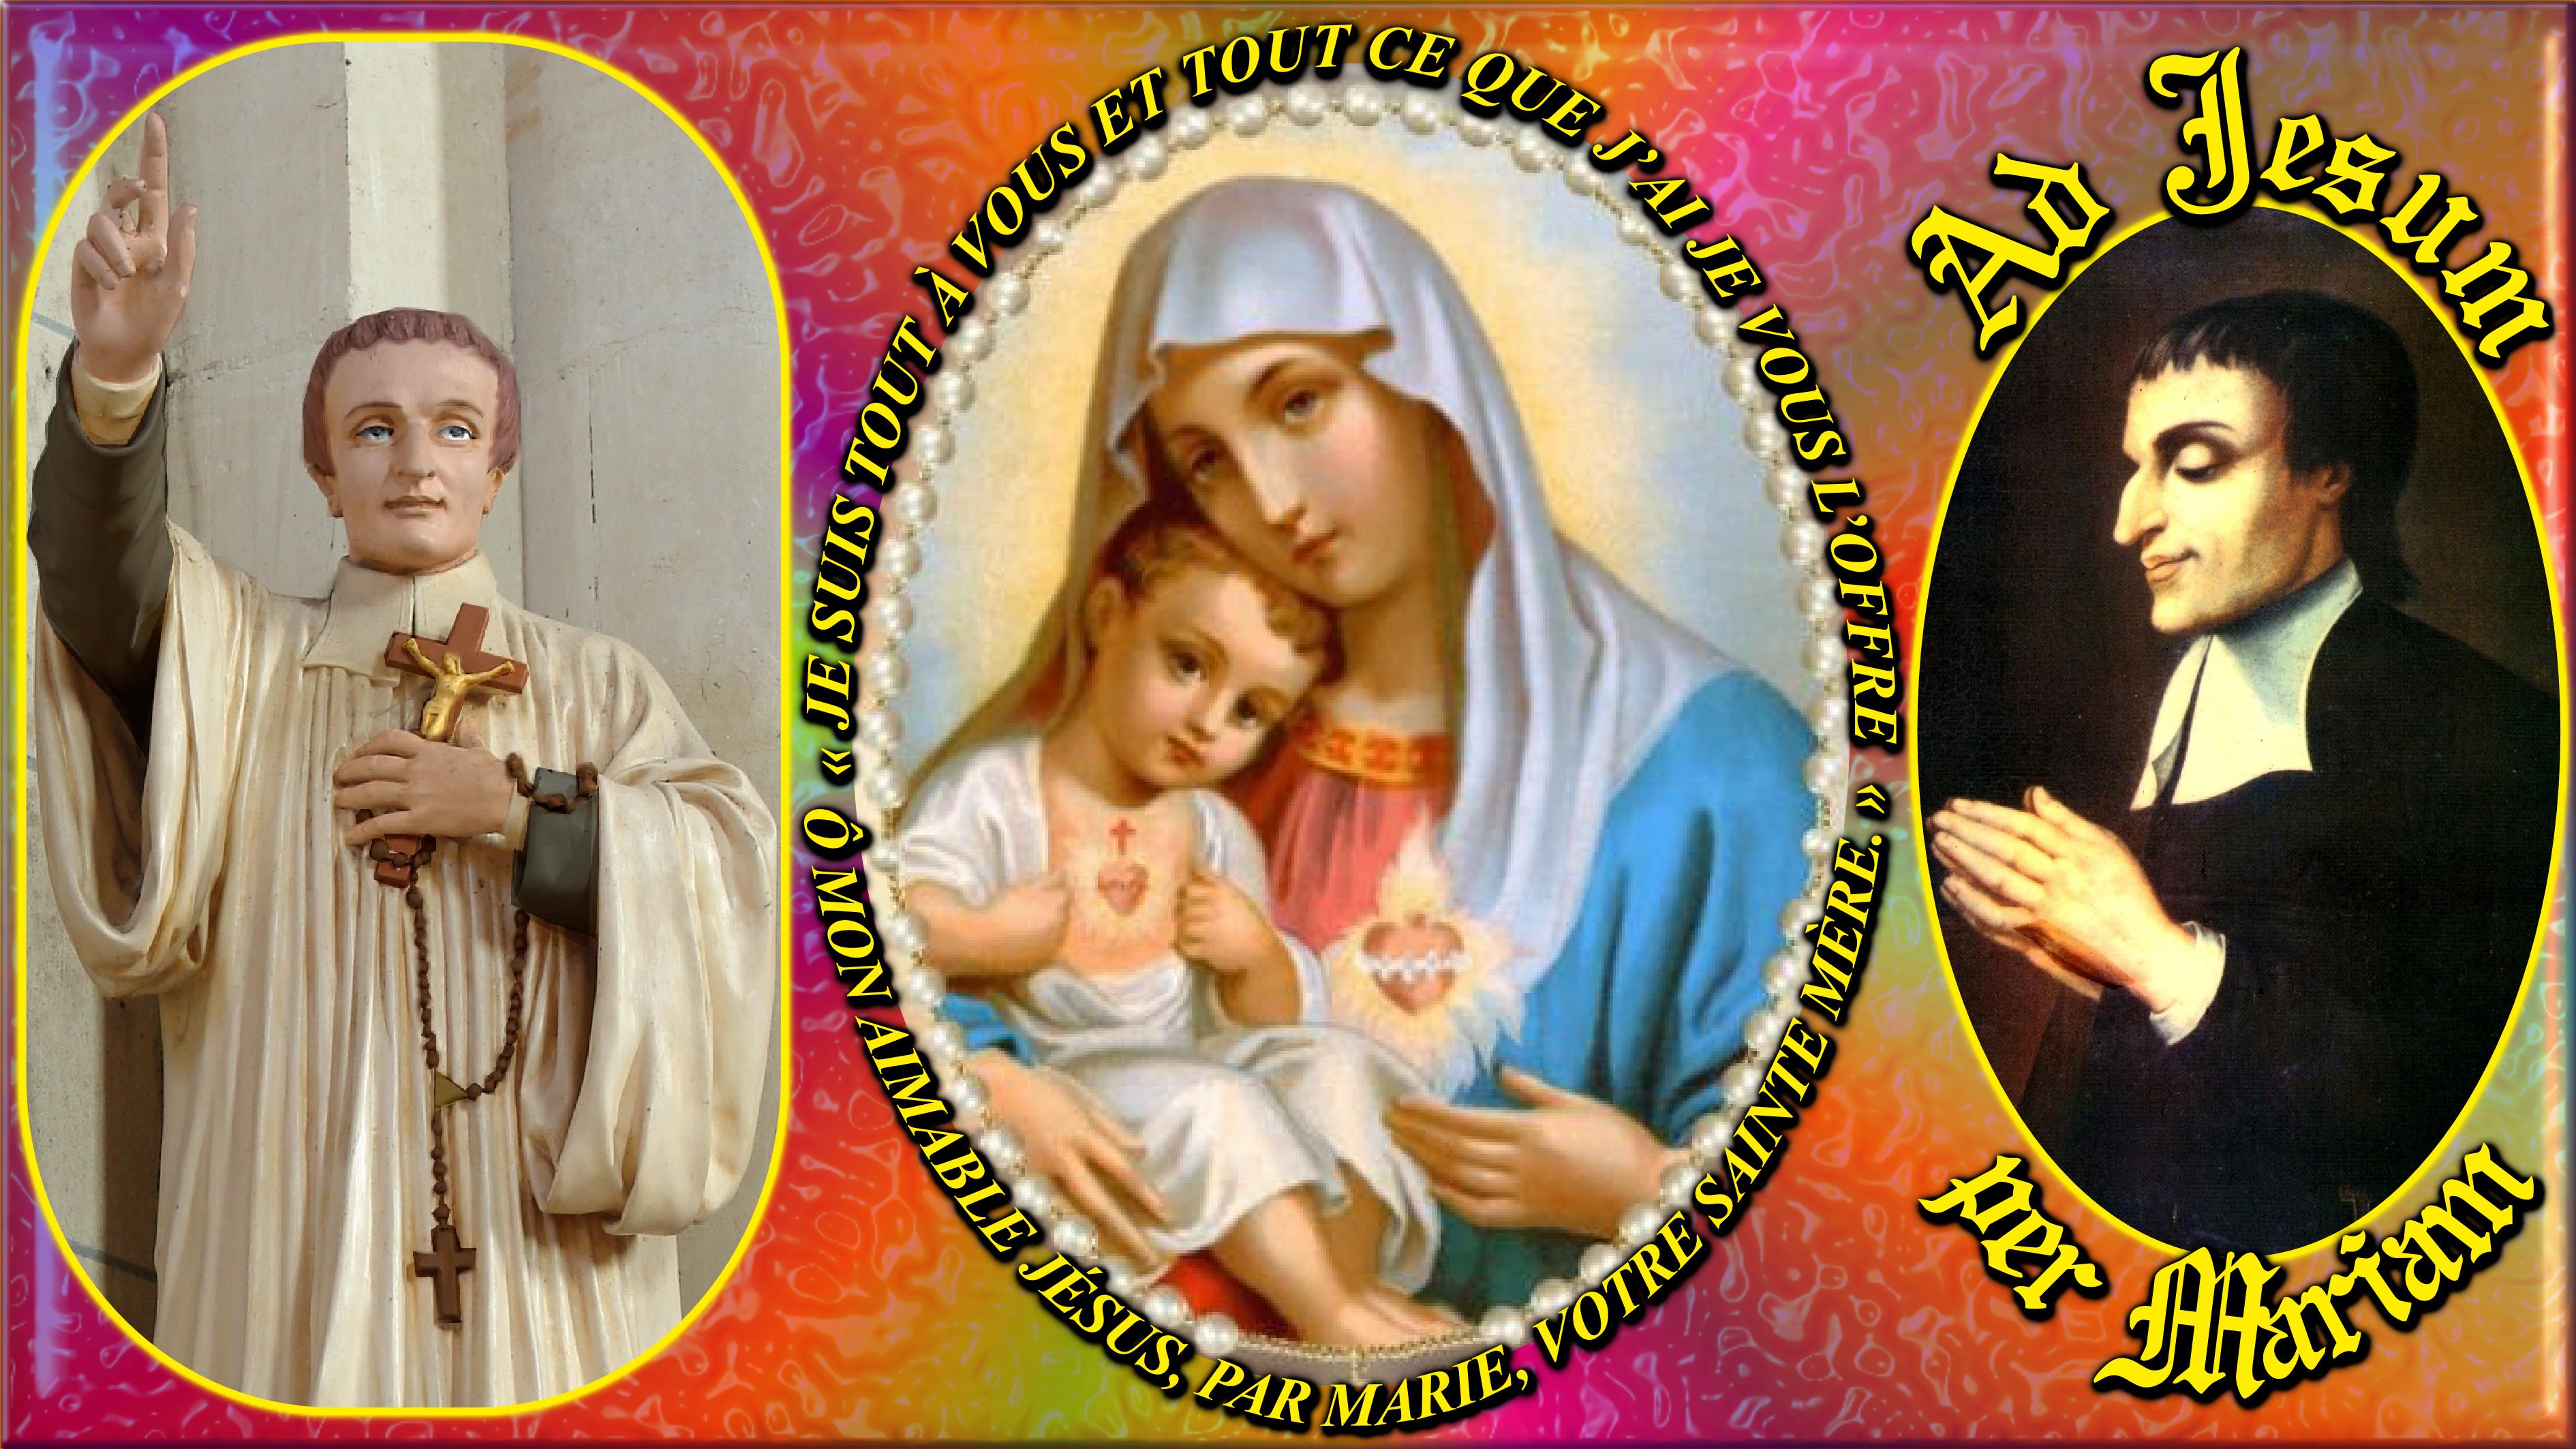 CALENDRIER CATHOLIQUE 2020 (Cantiques, Prières & Images) - Page 12 Cons-cration-du-p...-mariam--574f50a